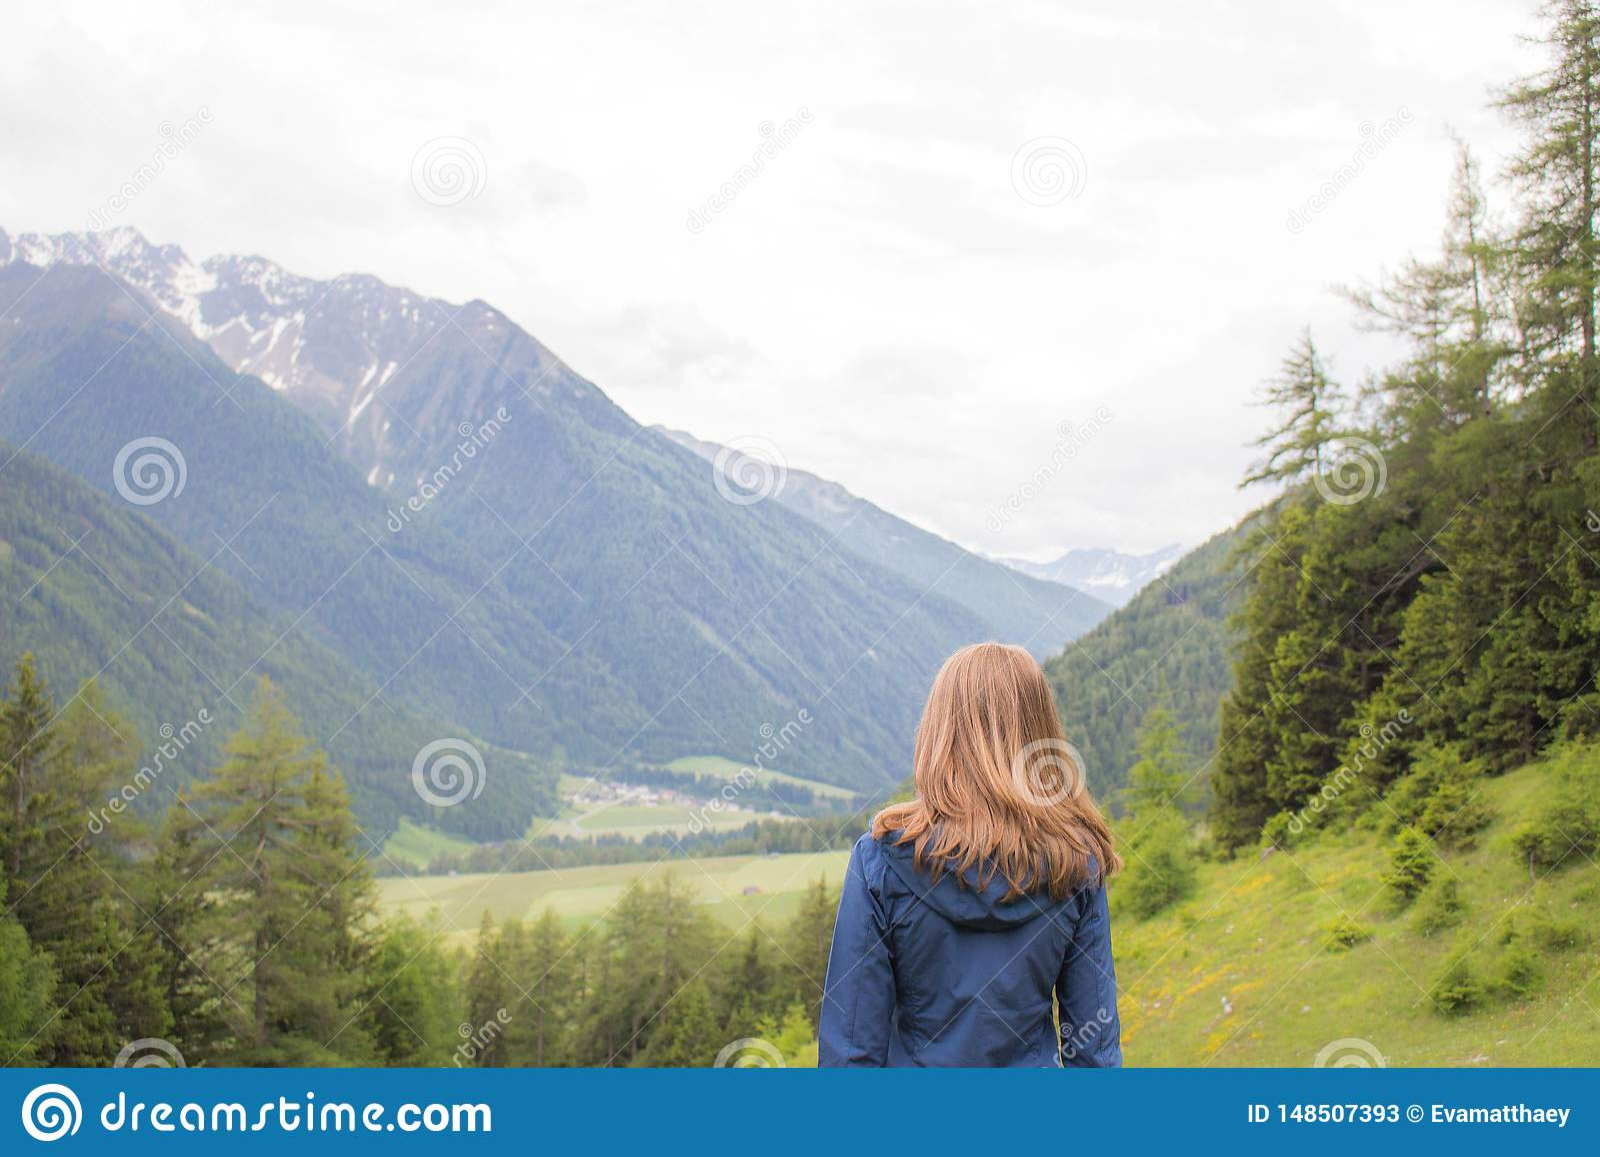 Femme regardant les montagnes en Autriche